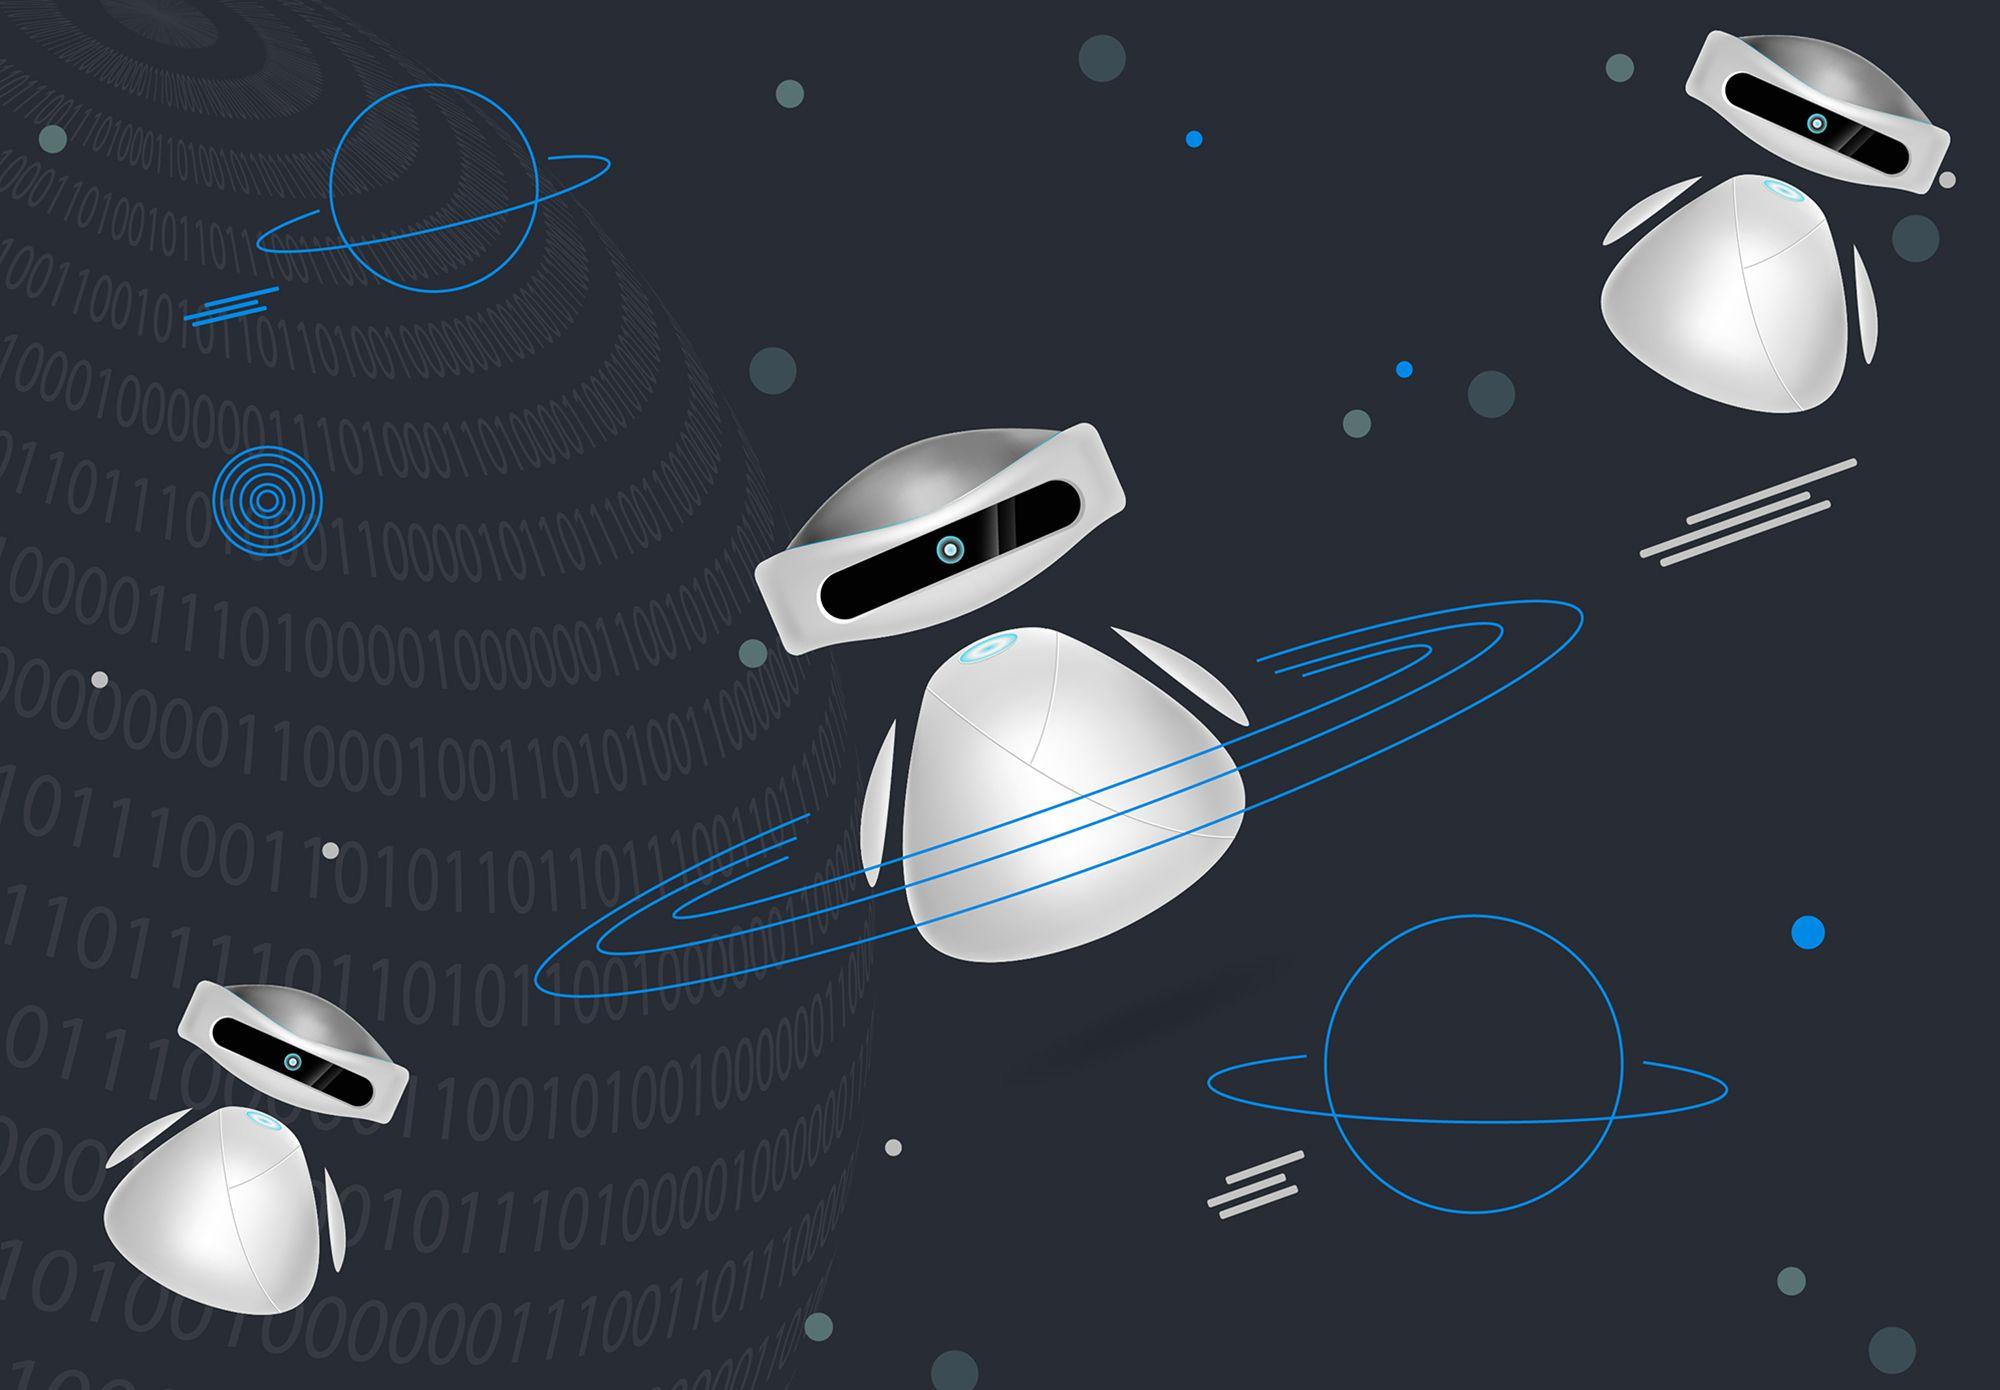 机器人大师品牌-09.jpg